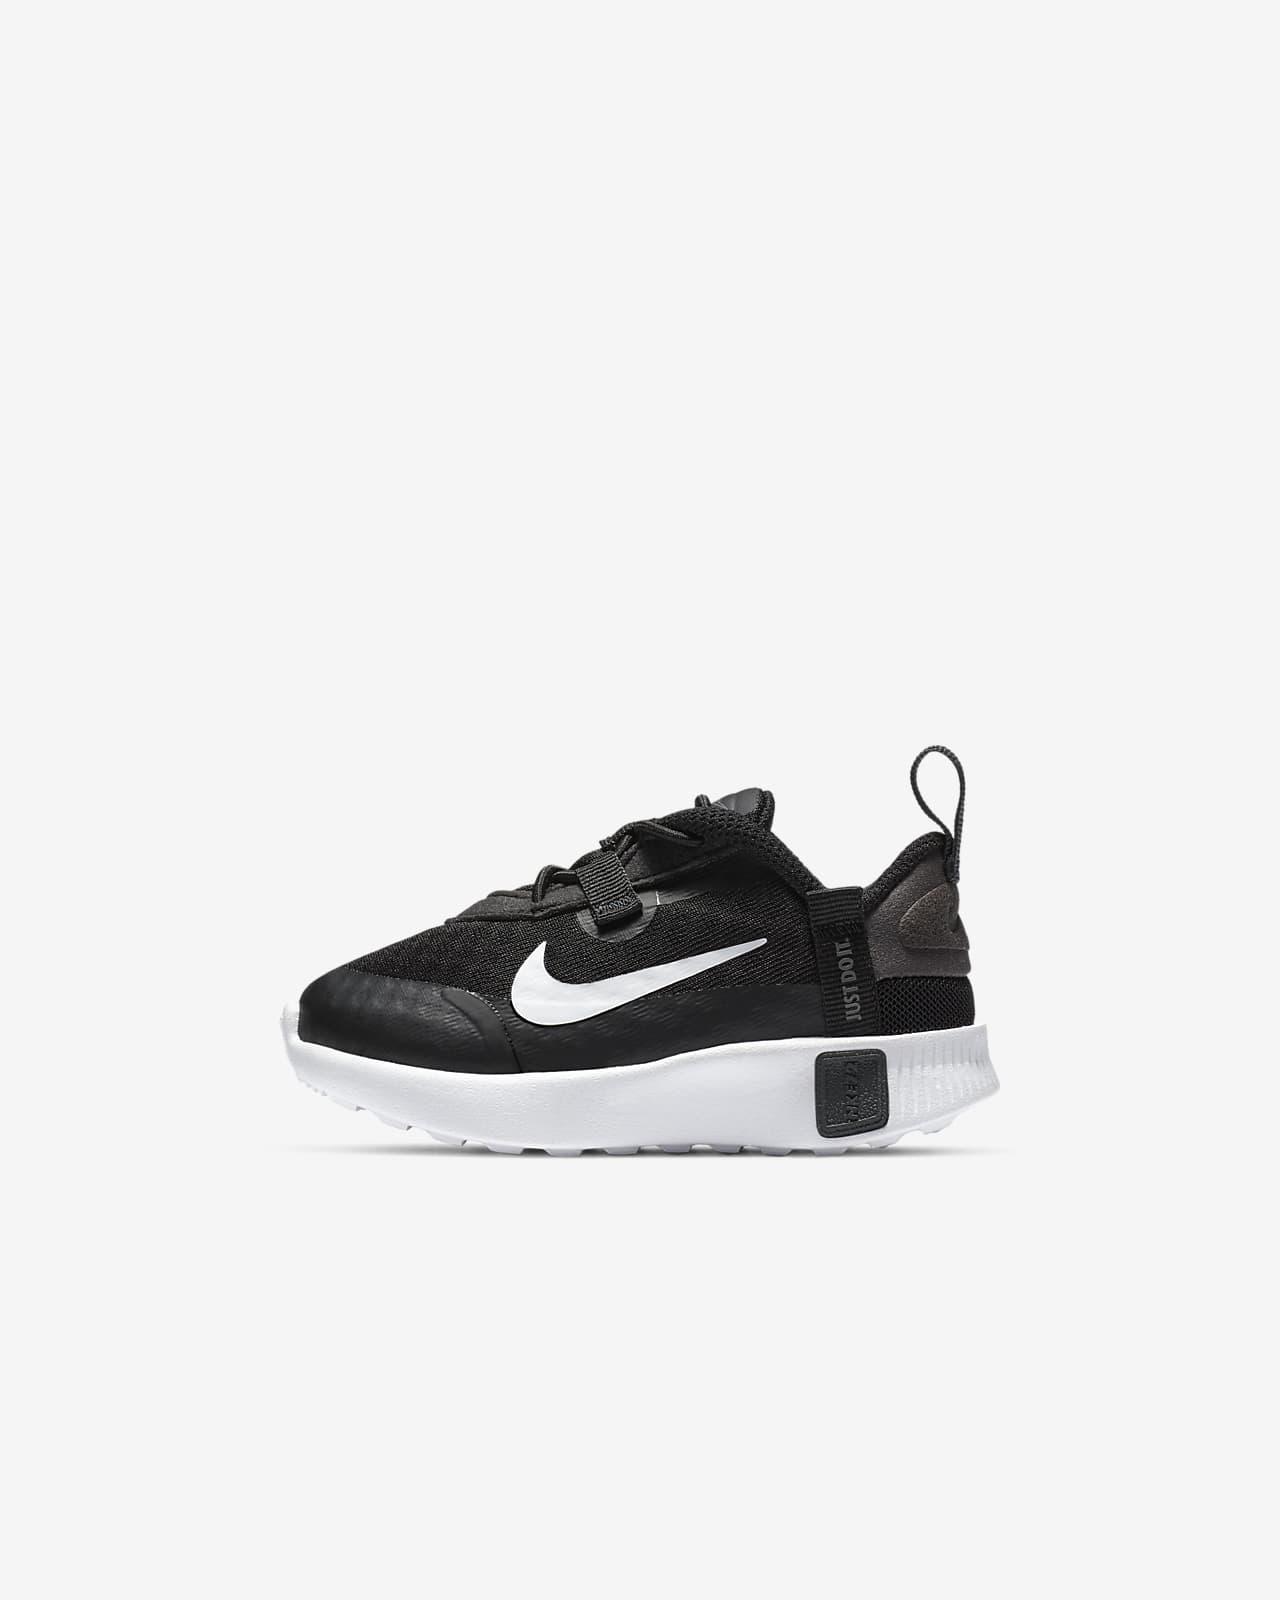 Nike Reposto Baby/Toddler Shoe